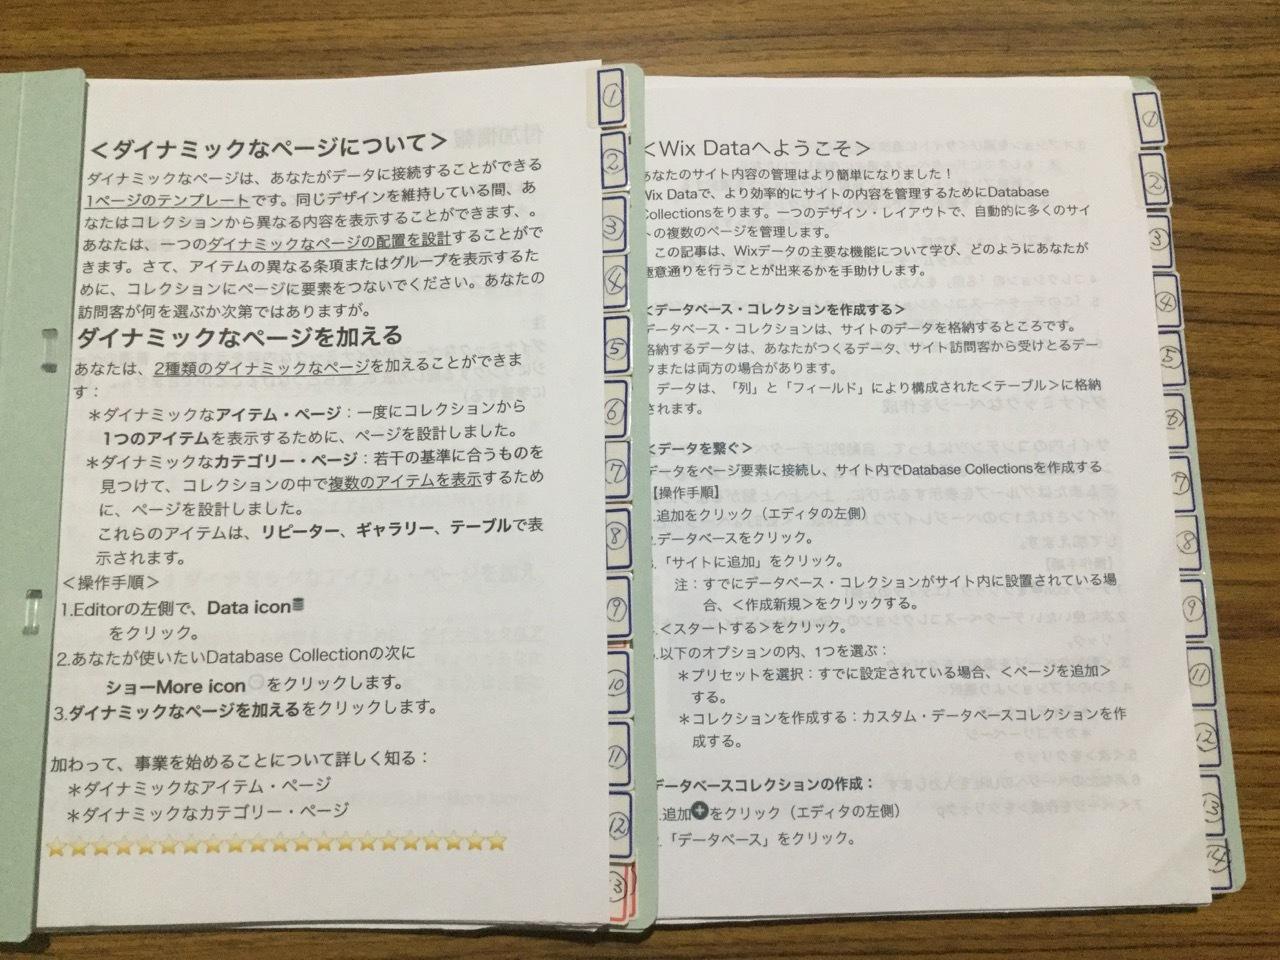 マニュアルの翻訳・完了!!_d0016397_22315452.jpg